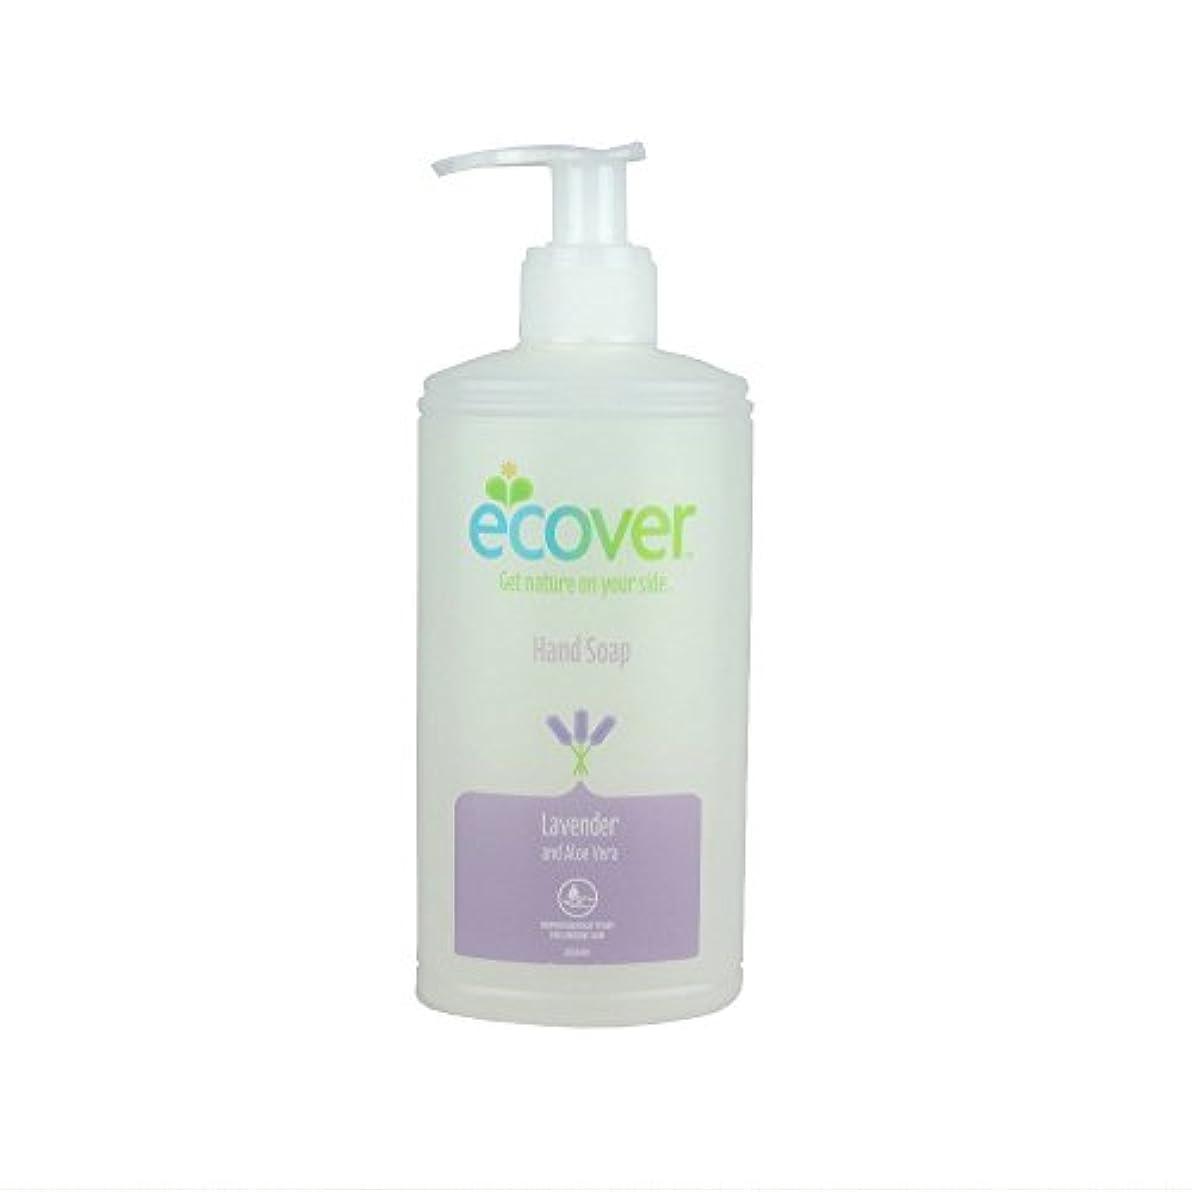 キリスト教盟主安定したEcover Liquid Hand Soap Lavender & Aloe Vera (250ml) 液体ハンドソープラベンダーとアロエベラ( 250ミリリットル)をエコベール